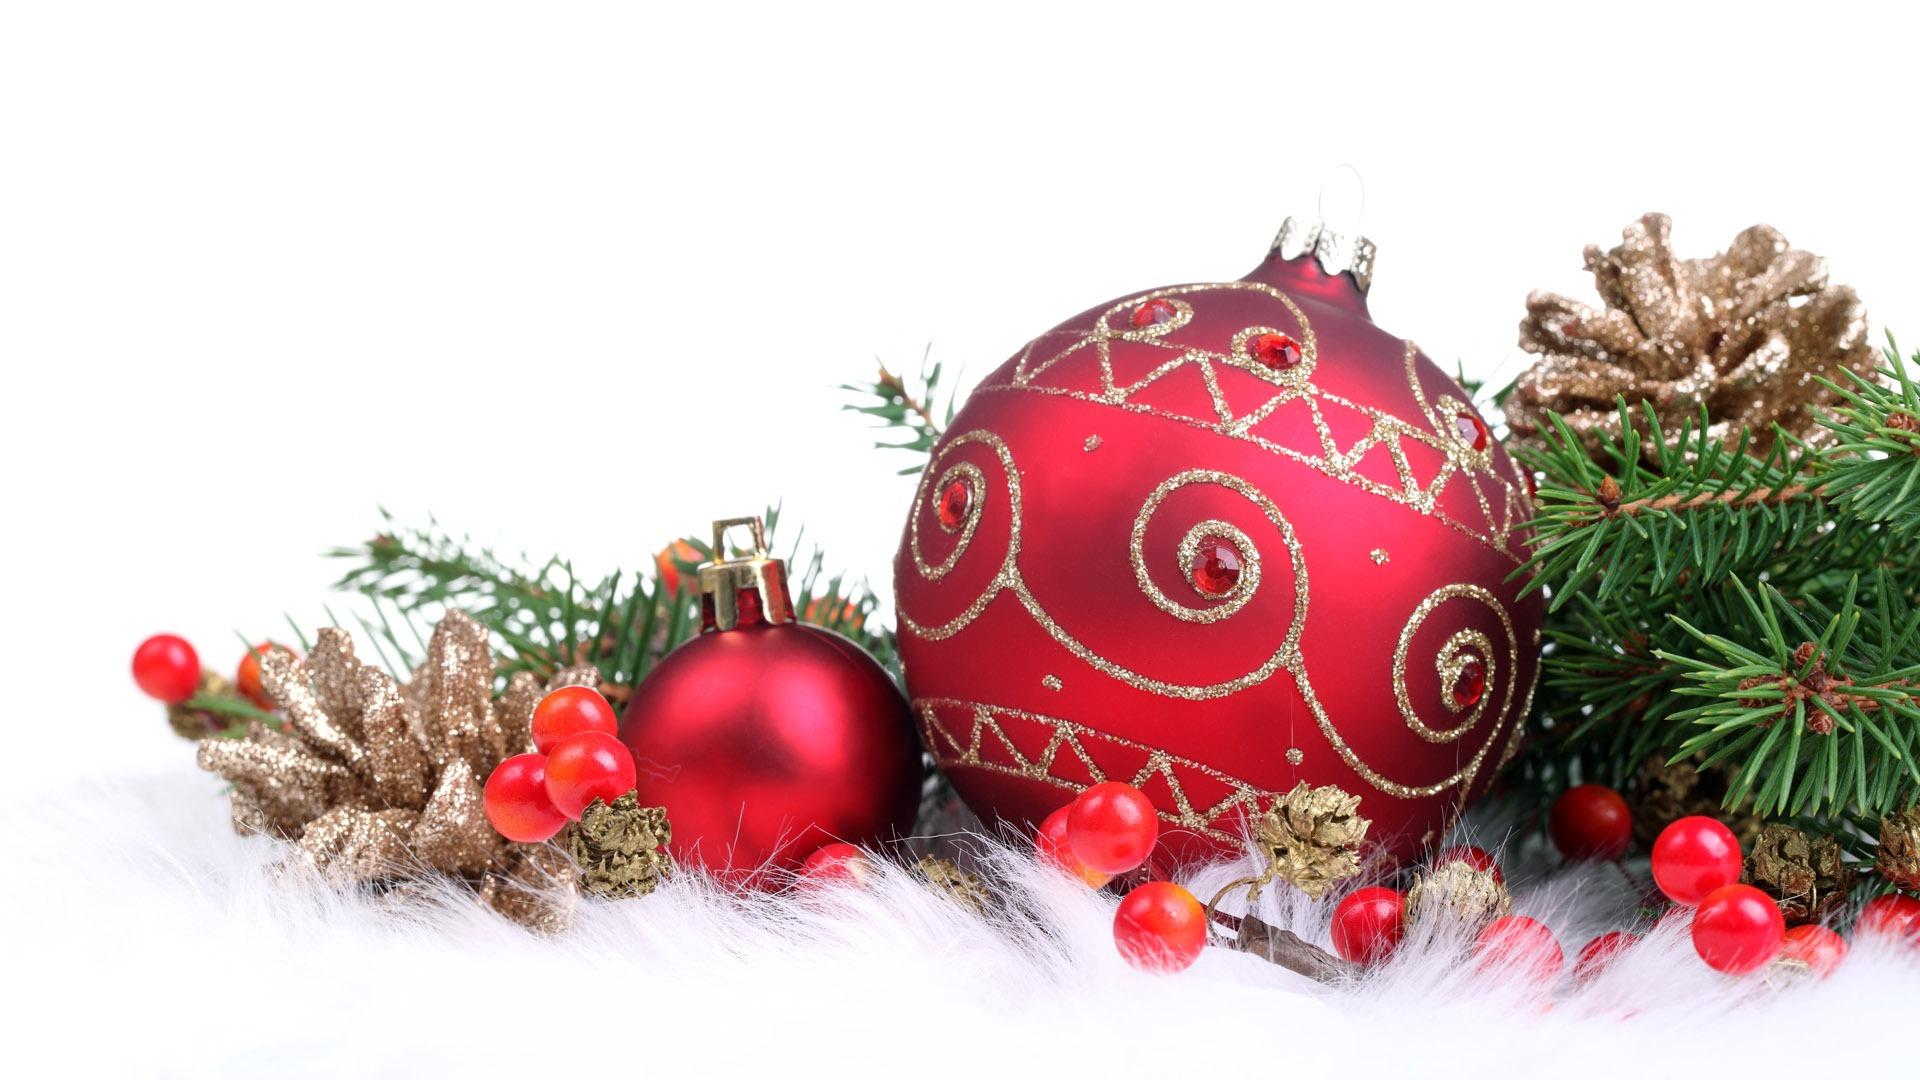 anmeldung zur weihnachtsfeier | sport- und fitnessstudio berk, Einladung